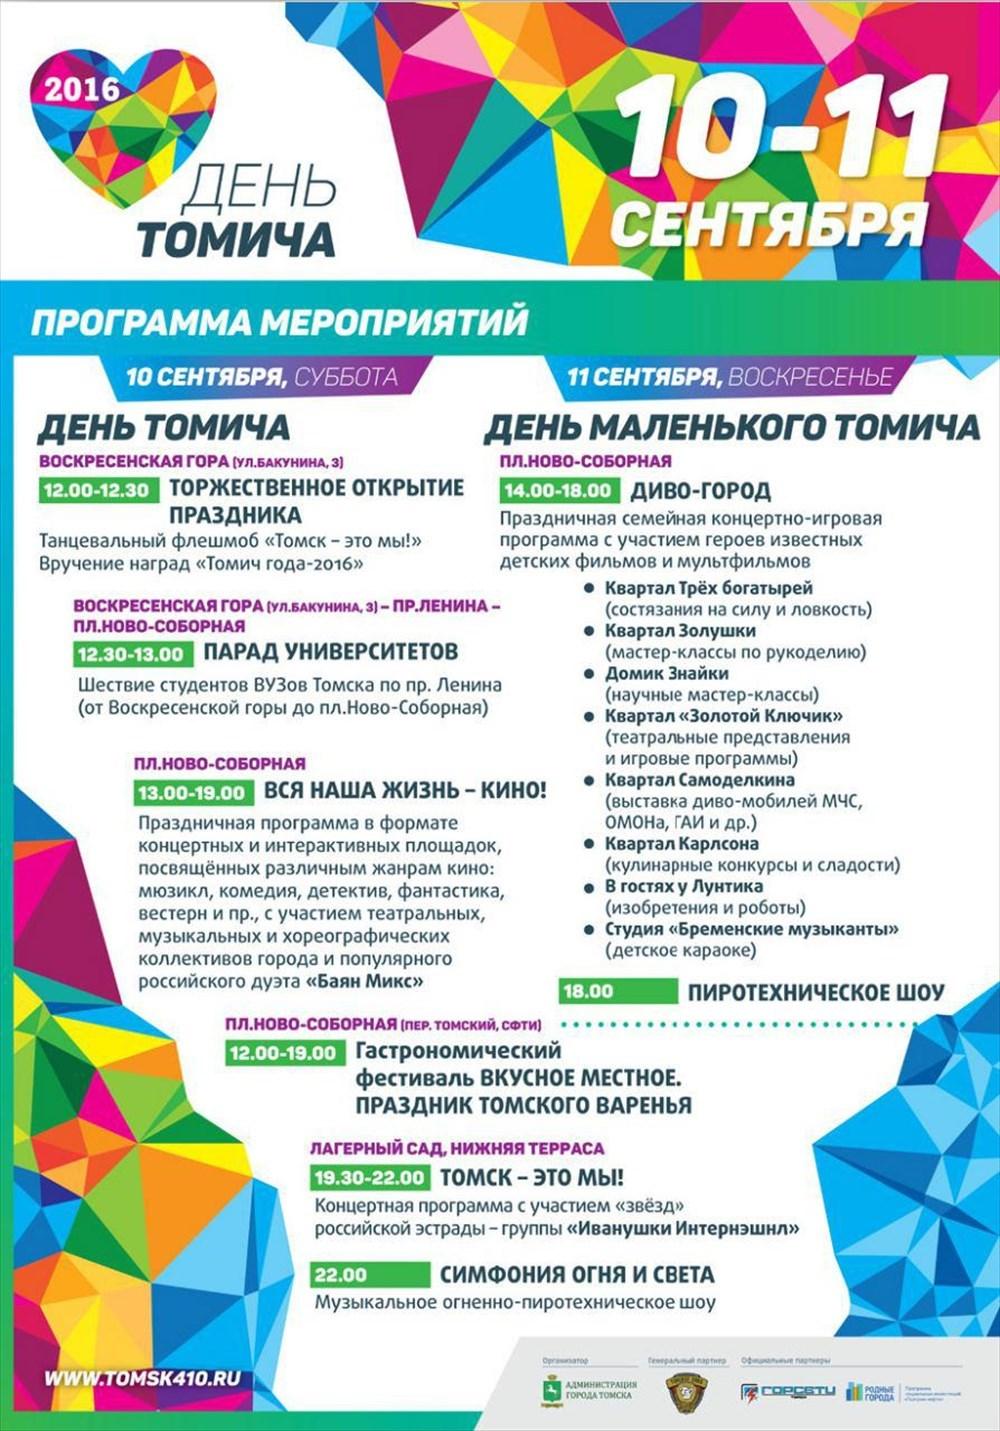 День томича пройдет в 2016 году 10 и 11 сентября, второй день, как и в прошлом году, будет детским. Полная программа празднования поможет горожанам сориентироваться в череде мероприятий.